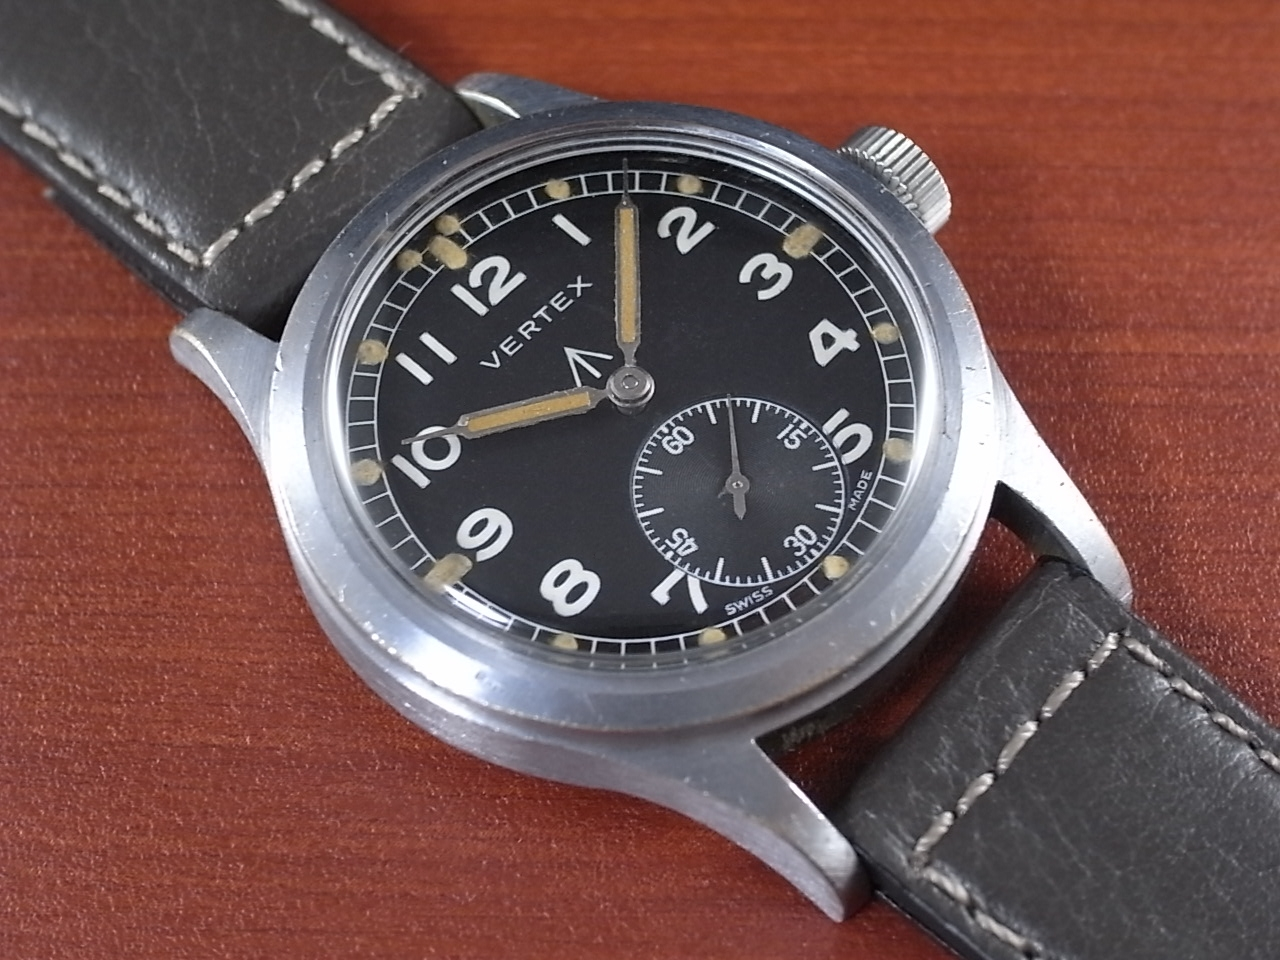 バーテックス 軍用時計 英陸軍 W.W.W. 1940年代のメイン写真